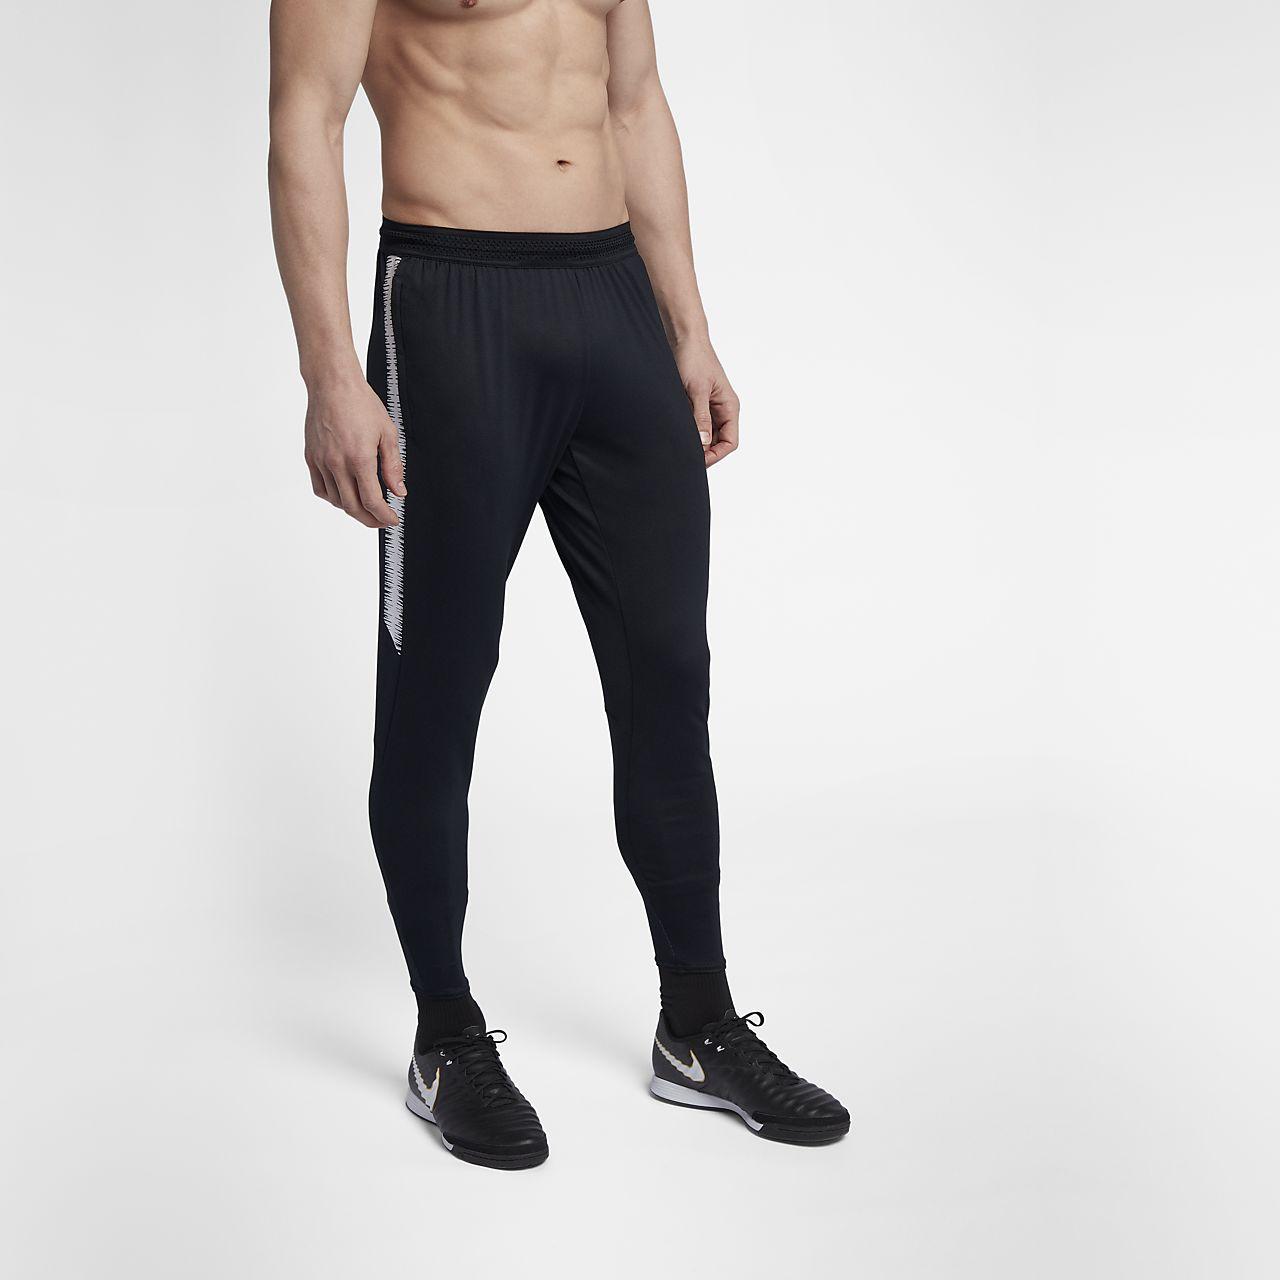 a0f68e6f06958 Nike Flex Strike Pantalón de fútbol - Hombre. Nike.com ES